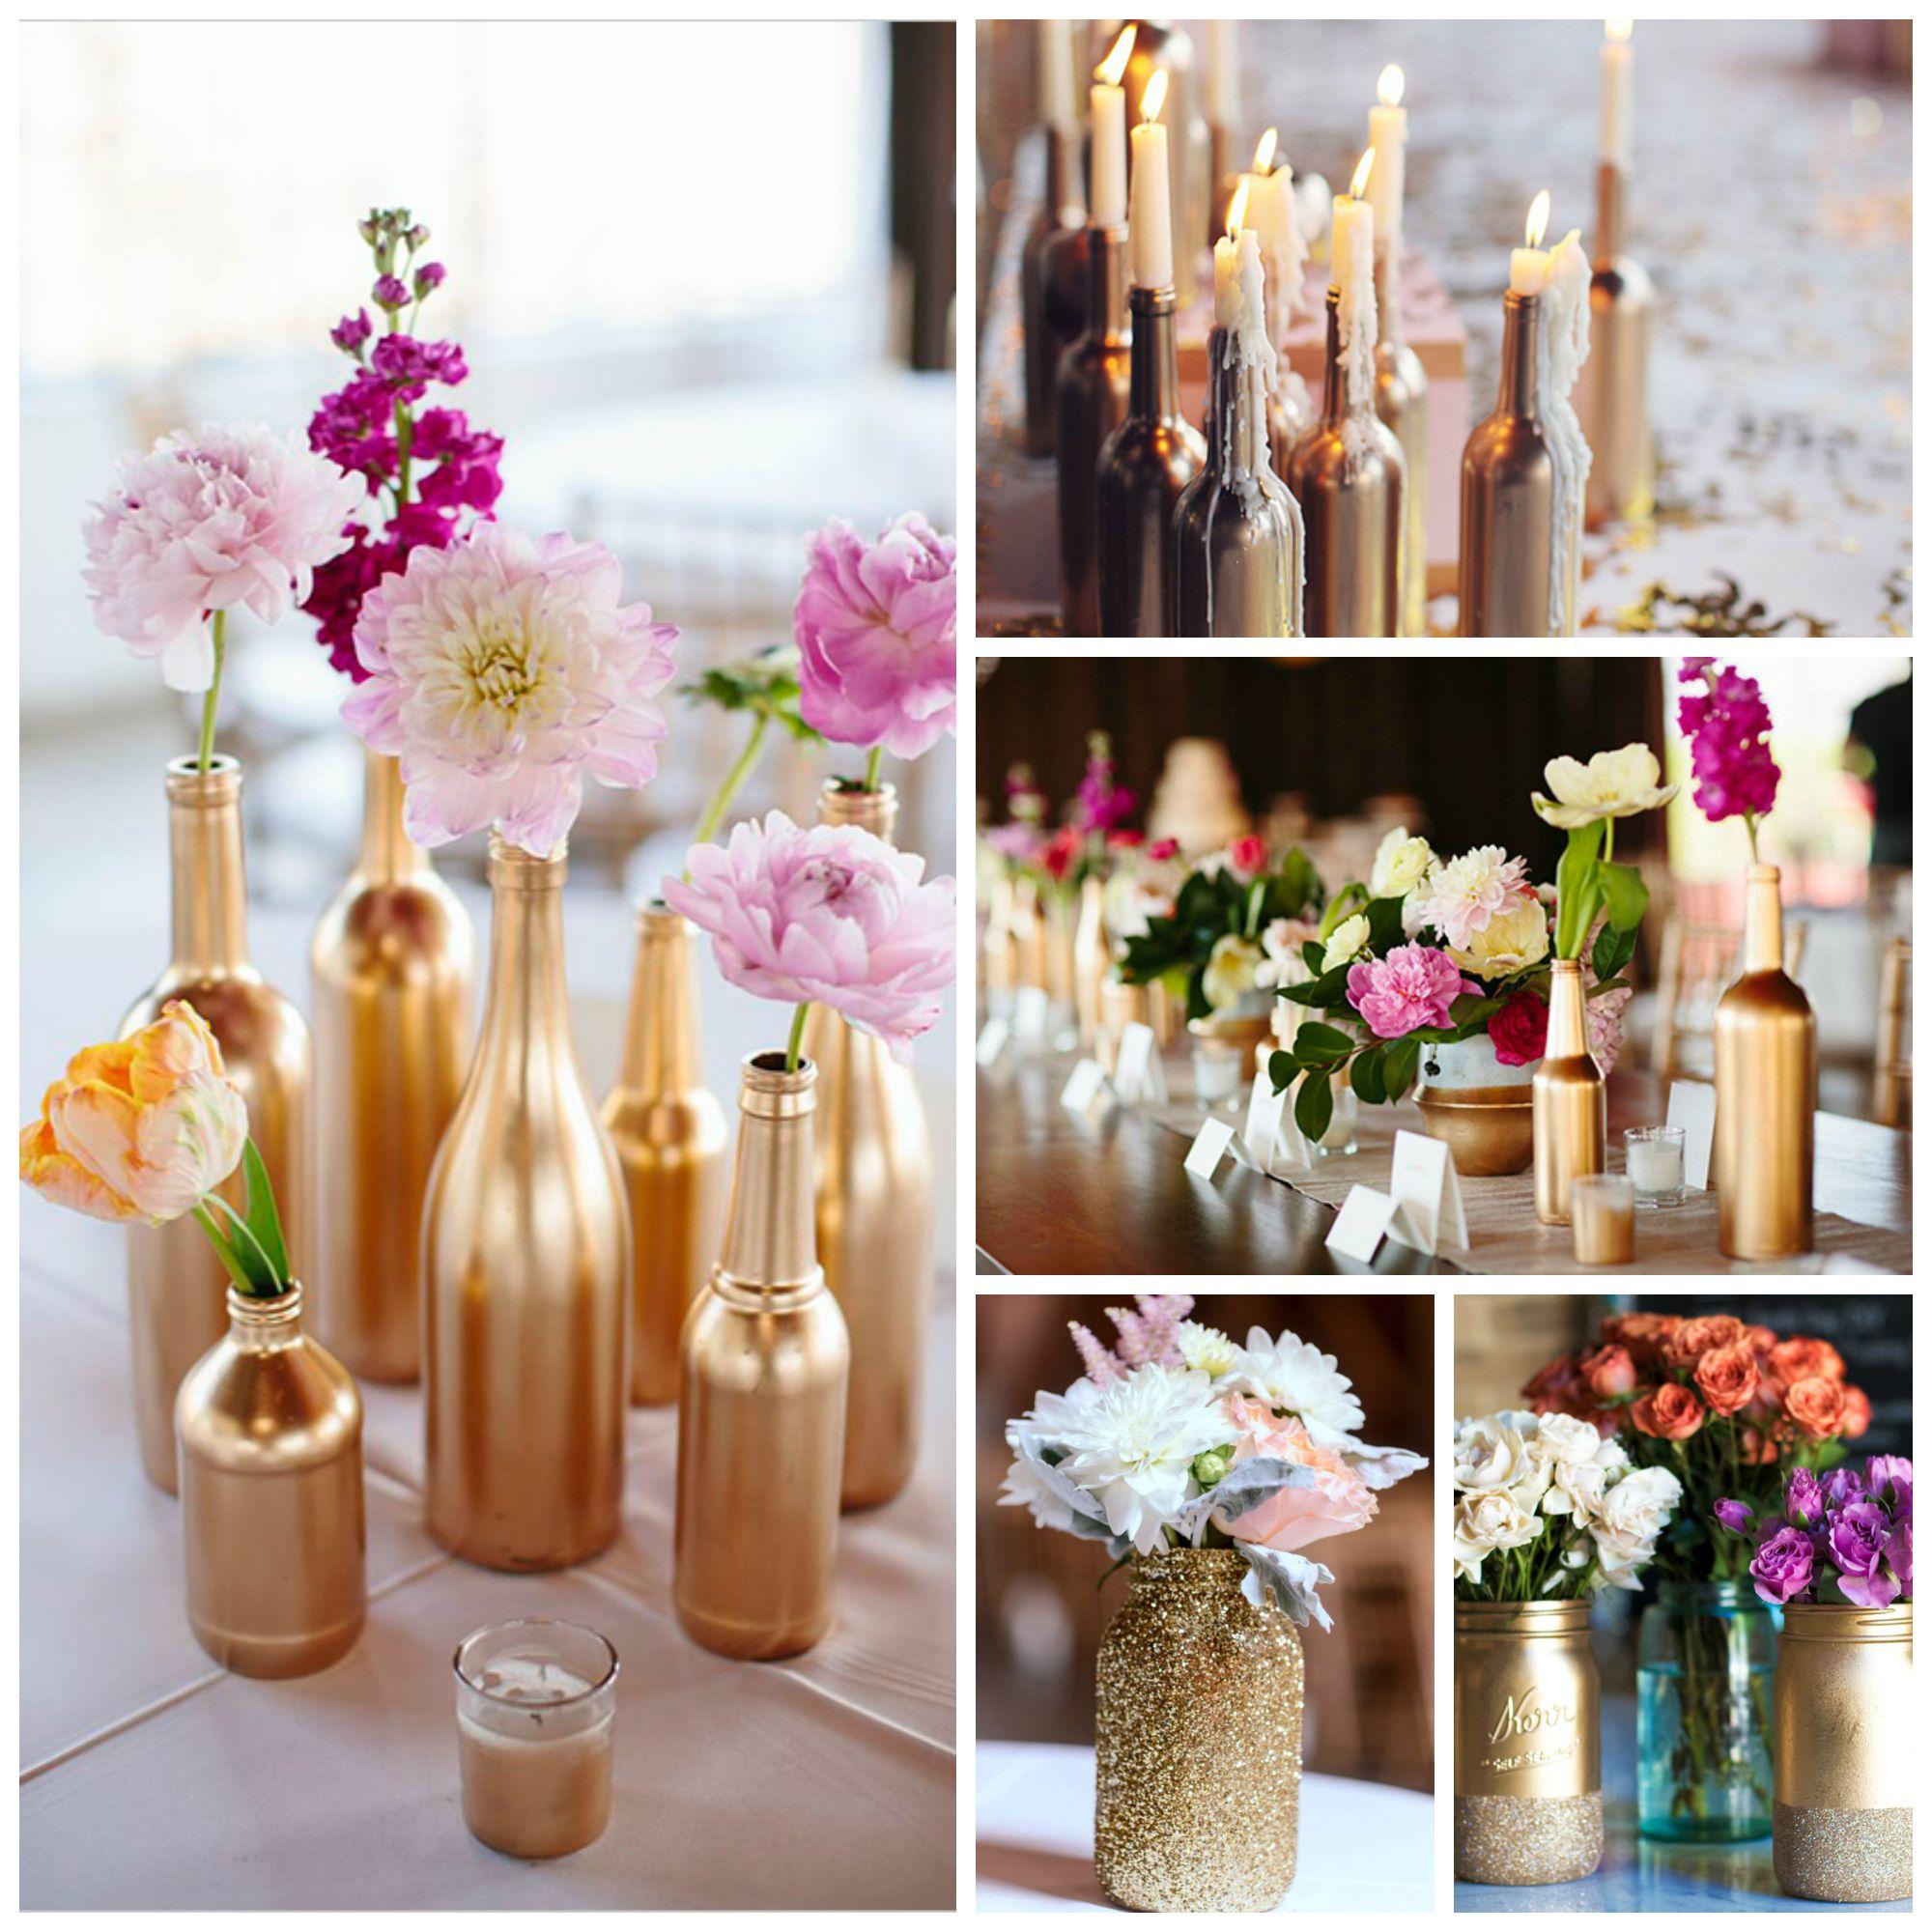 Bouteille façon DIY pour un mariage ou une fête glitter et doré